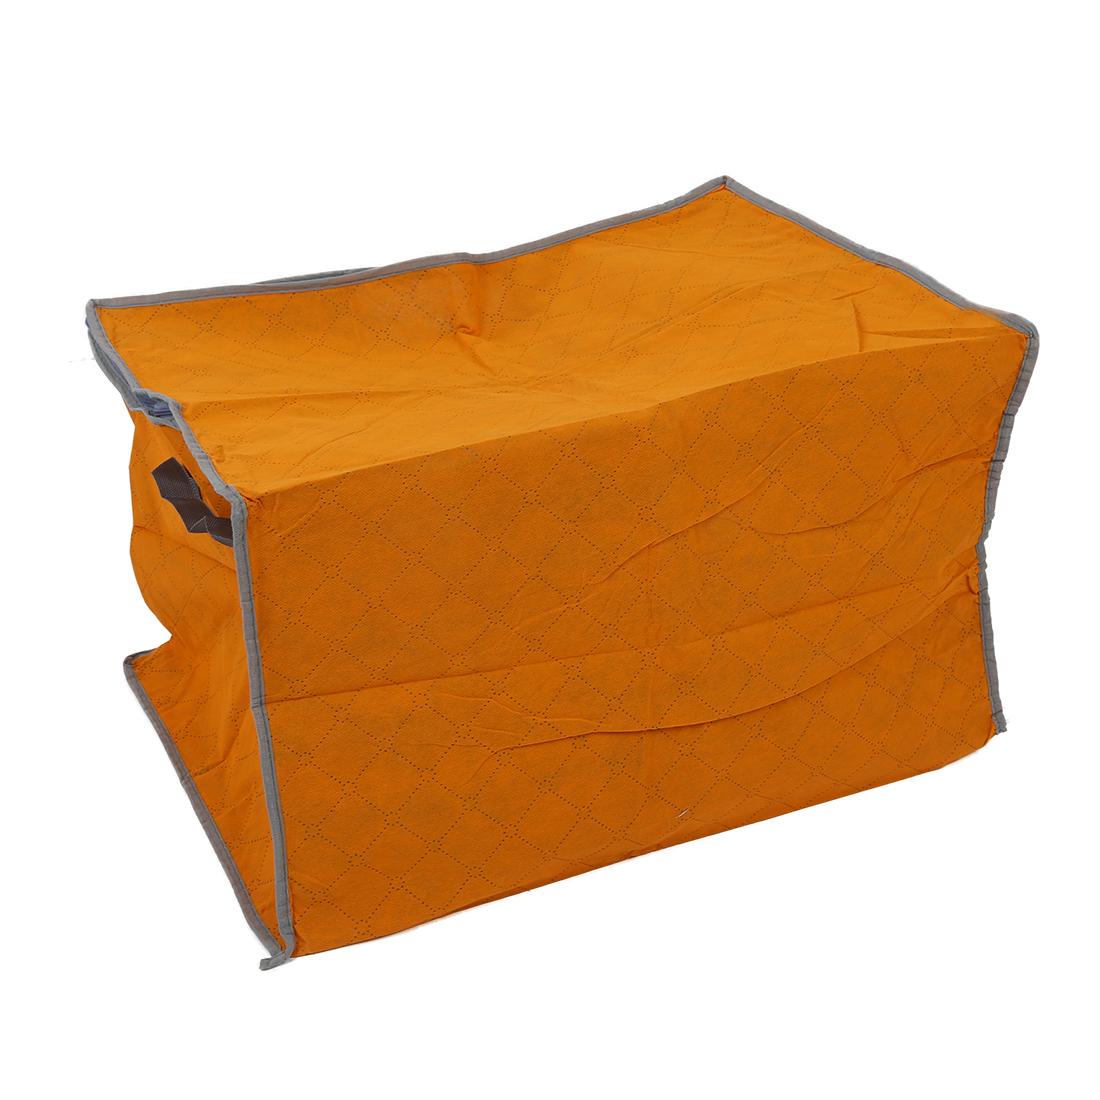 orange quilt blanket pillow under bed storage bag box